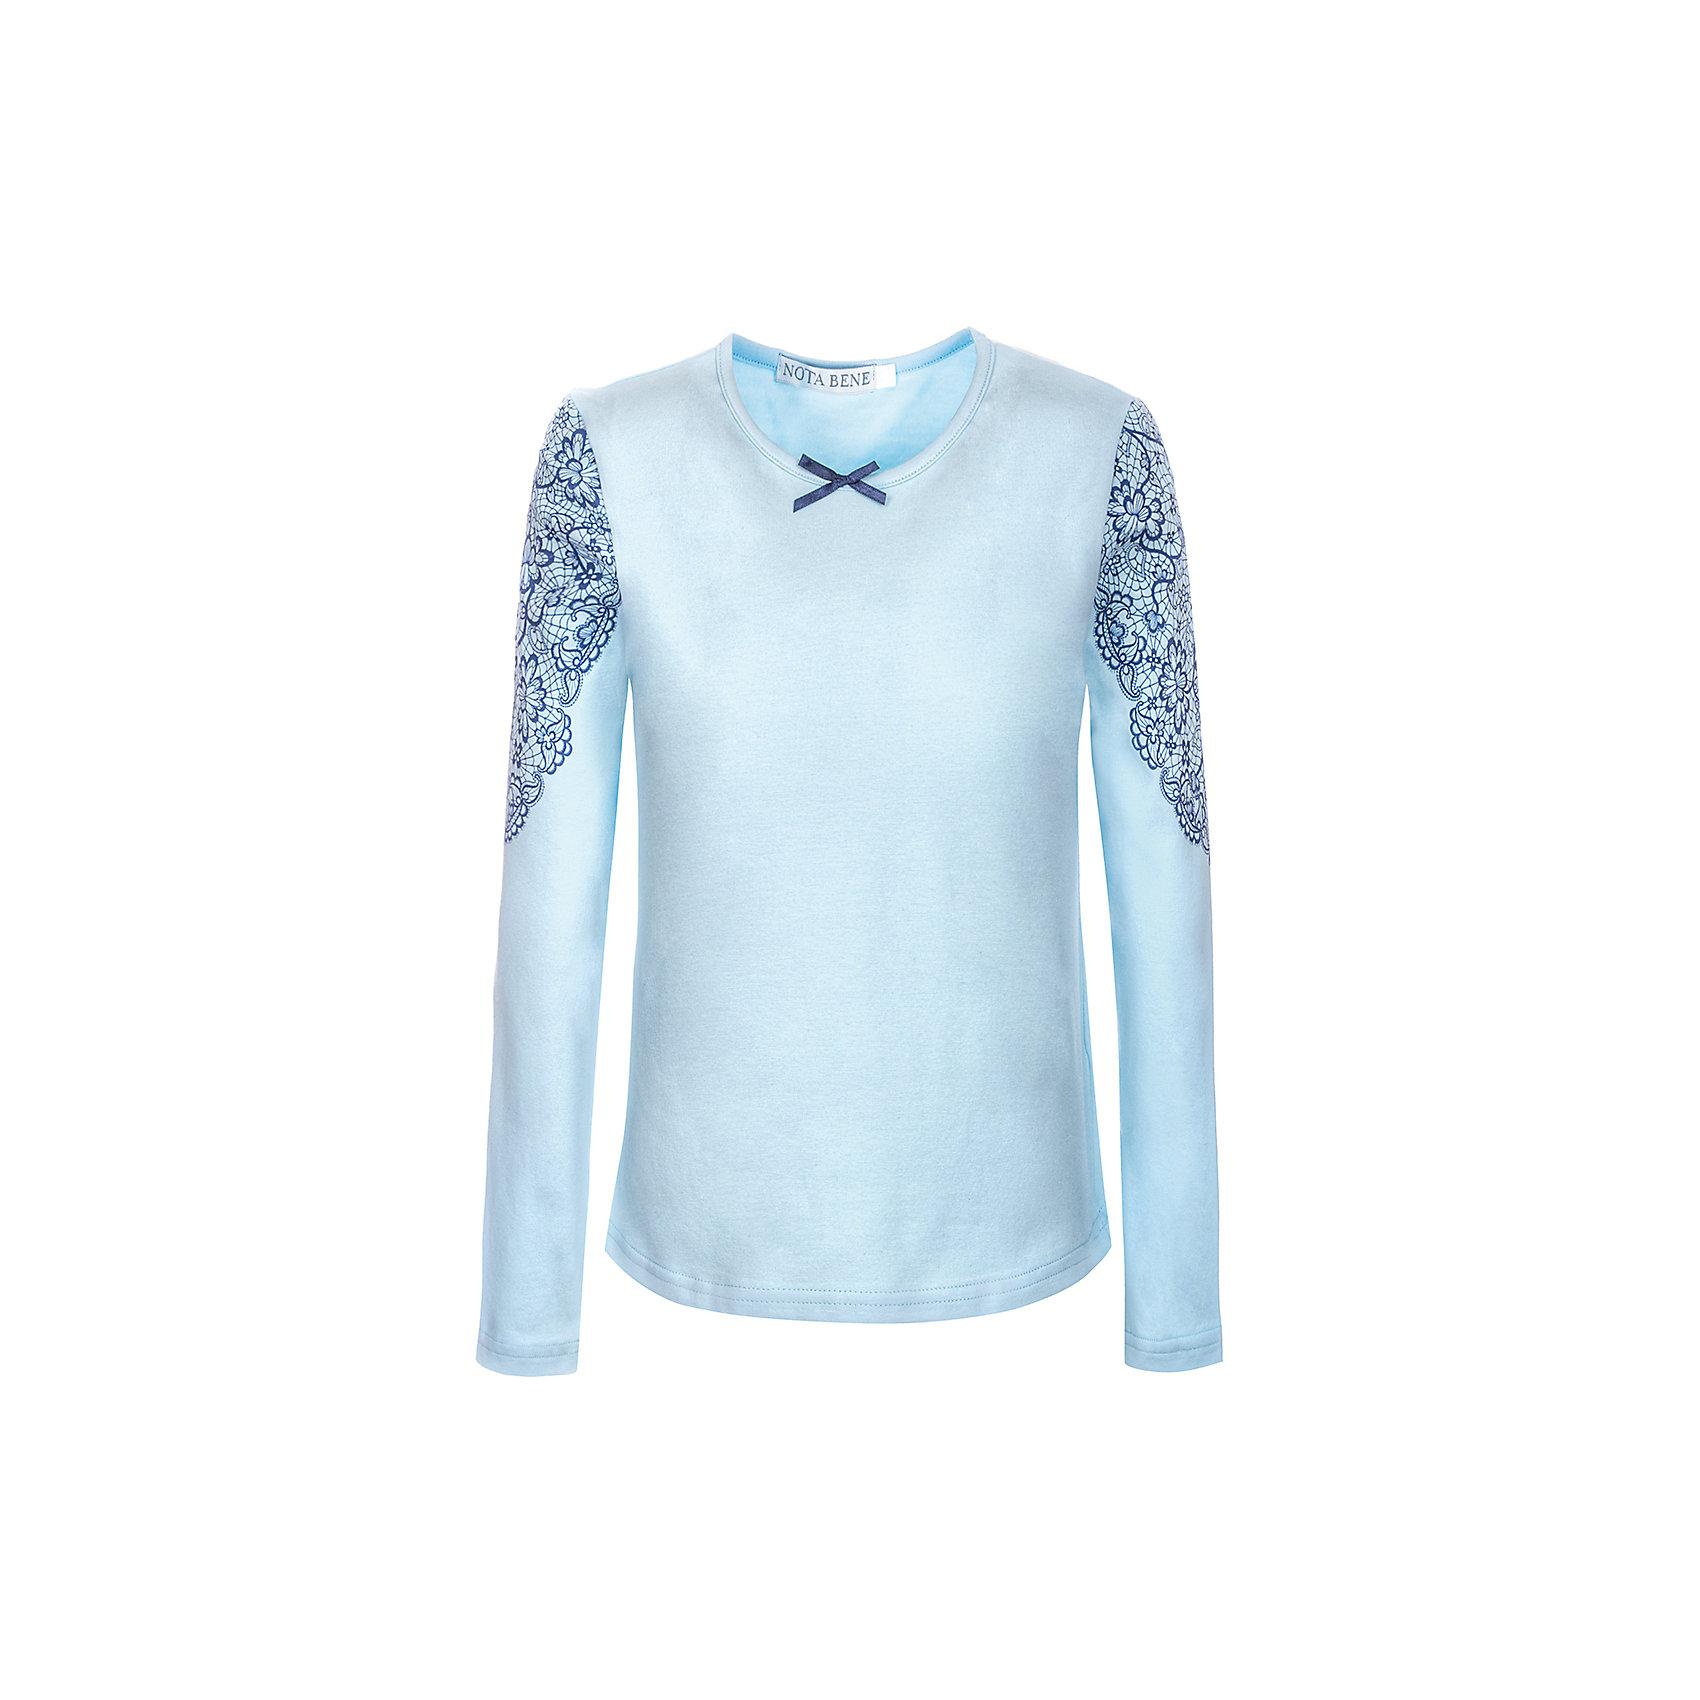 Блузка Nota Bene для девочкиБлузки и рубашки<br>Блузка с длинными рукавами с кружевной отделкой<br>Соответствует размеру<br>Рекомендована предварительная стирка<br>Состав:<br>92% хлопок; 8% лайкра<br><br>Ширина мм: 186<br>Глубина мм: 87<br>Высота мм: 198<br>Вес г: 197<br>Цвет: голубой<br>Возраст от месяцев: 72<br>Возраст до месяцев: 84<br>Пол: Женский<br>Возраст: Детский<br>Размер: 122,164,128,134,140,146,152,158<br>SKU: 7011989